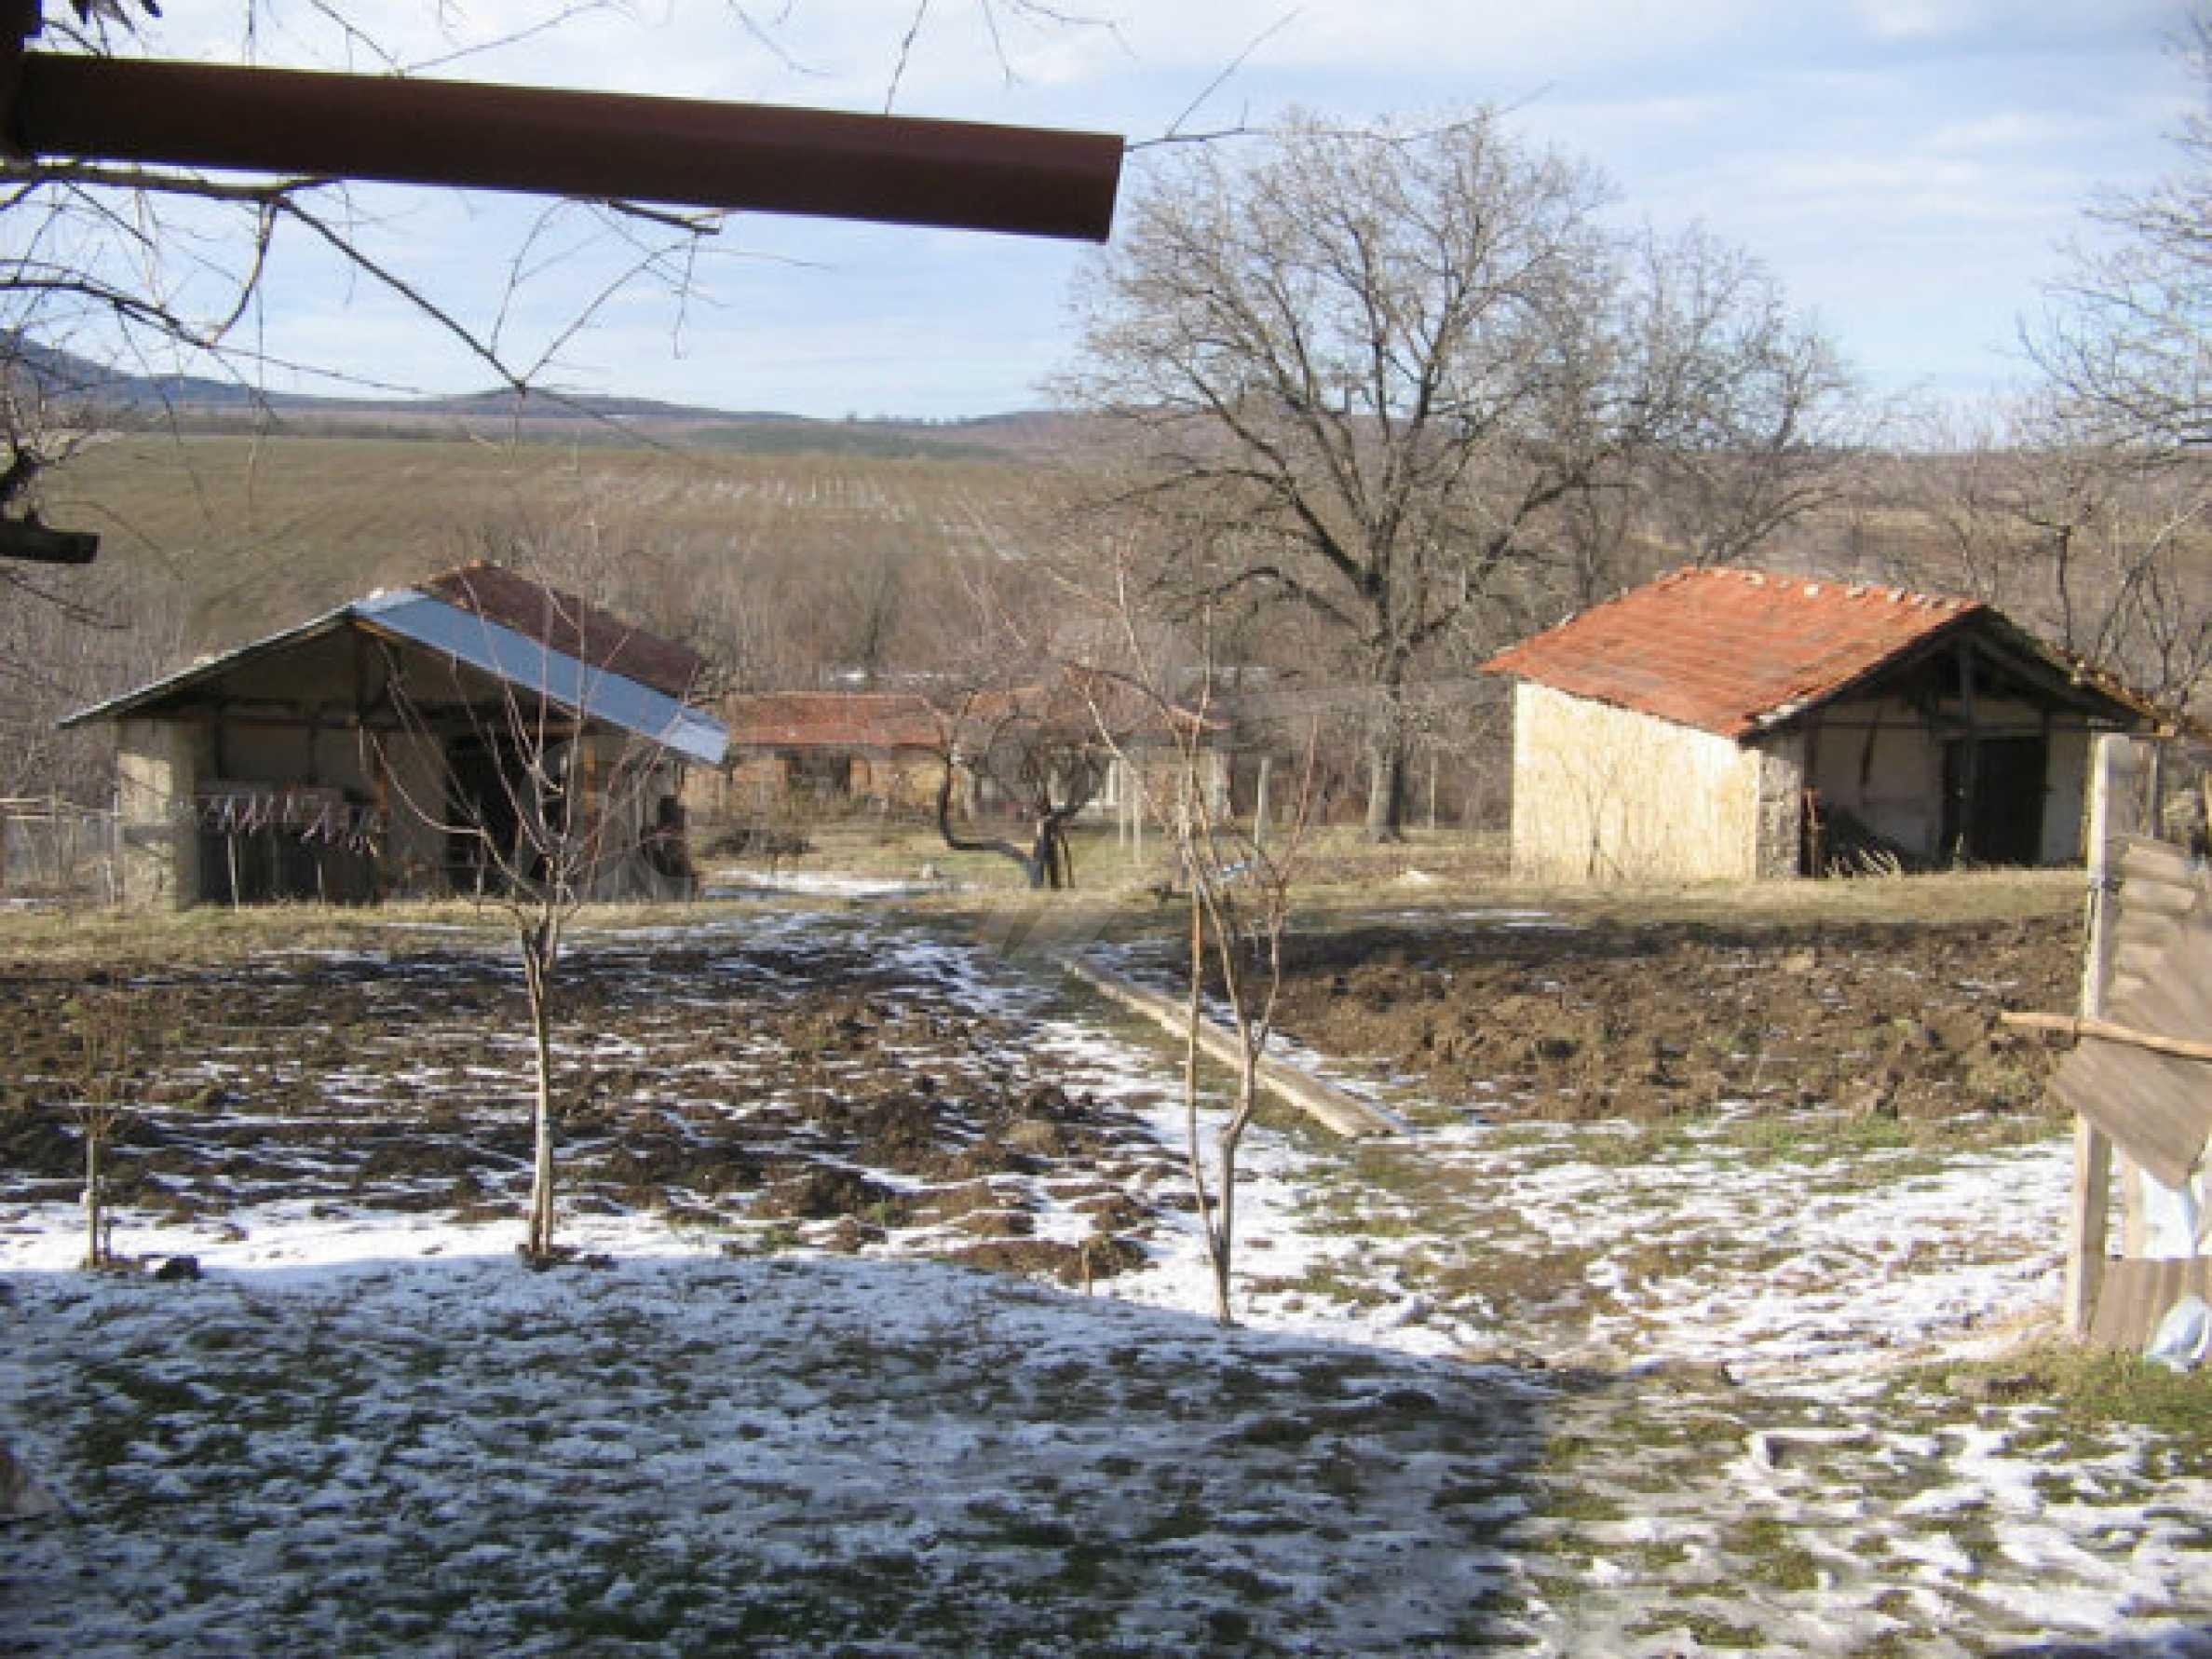 Ein Grundstück zum Verkauf in einem Dorf 32 km von Kardjali entfernt 11